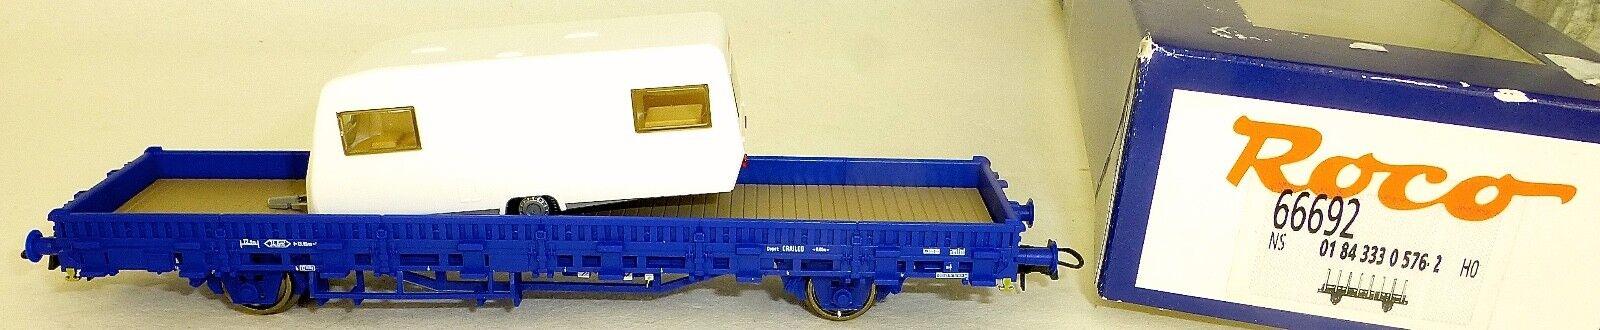 NS Carro a Stanti Railpro con Roulotte Epv Roco 66692 H0 1:87 Conf. Orig. Μ